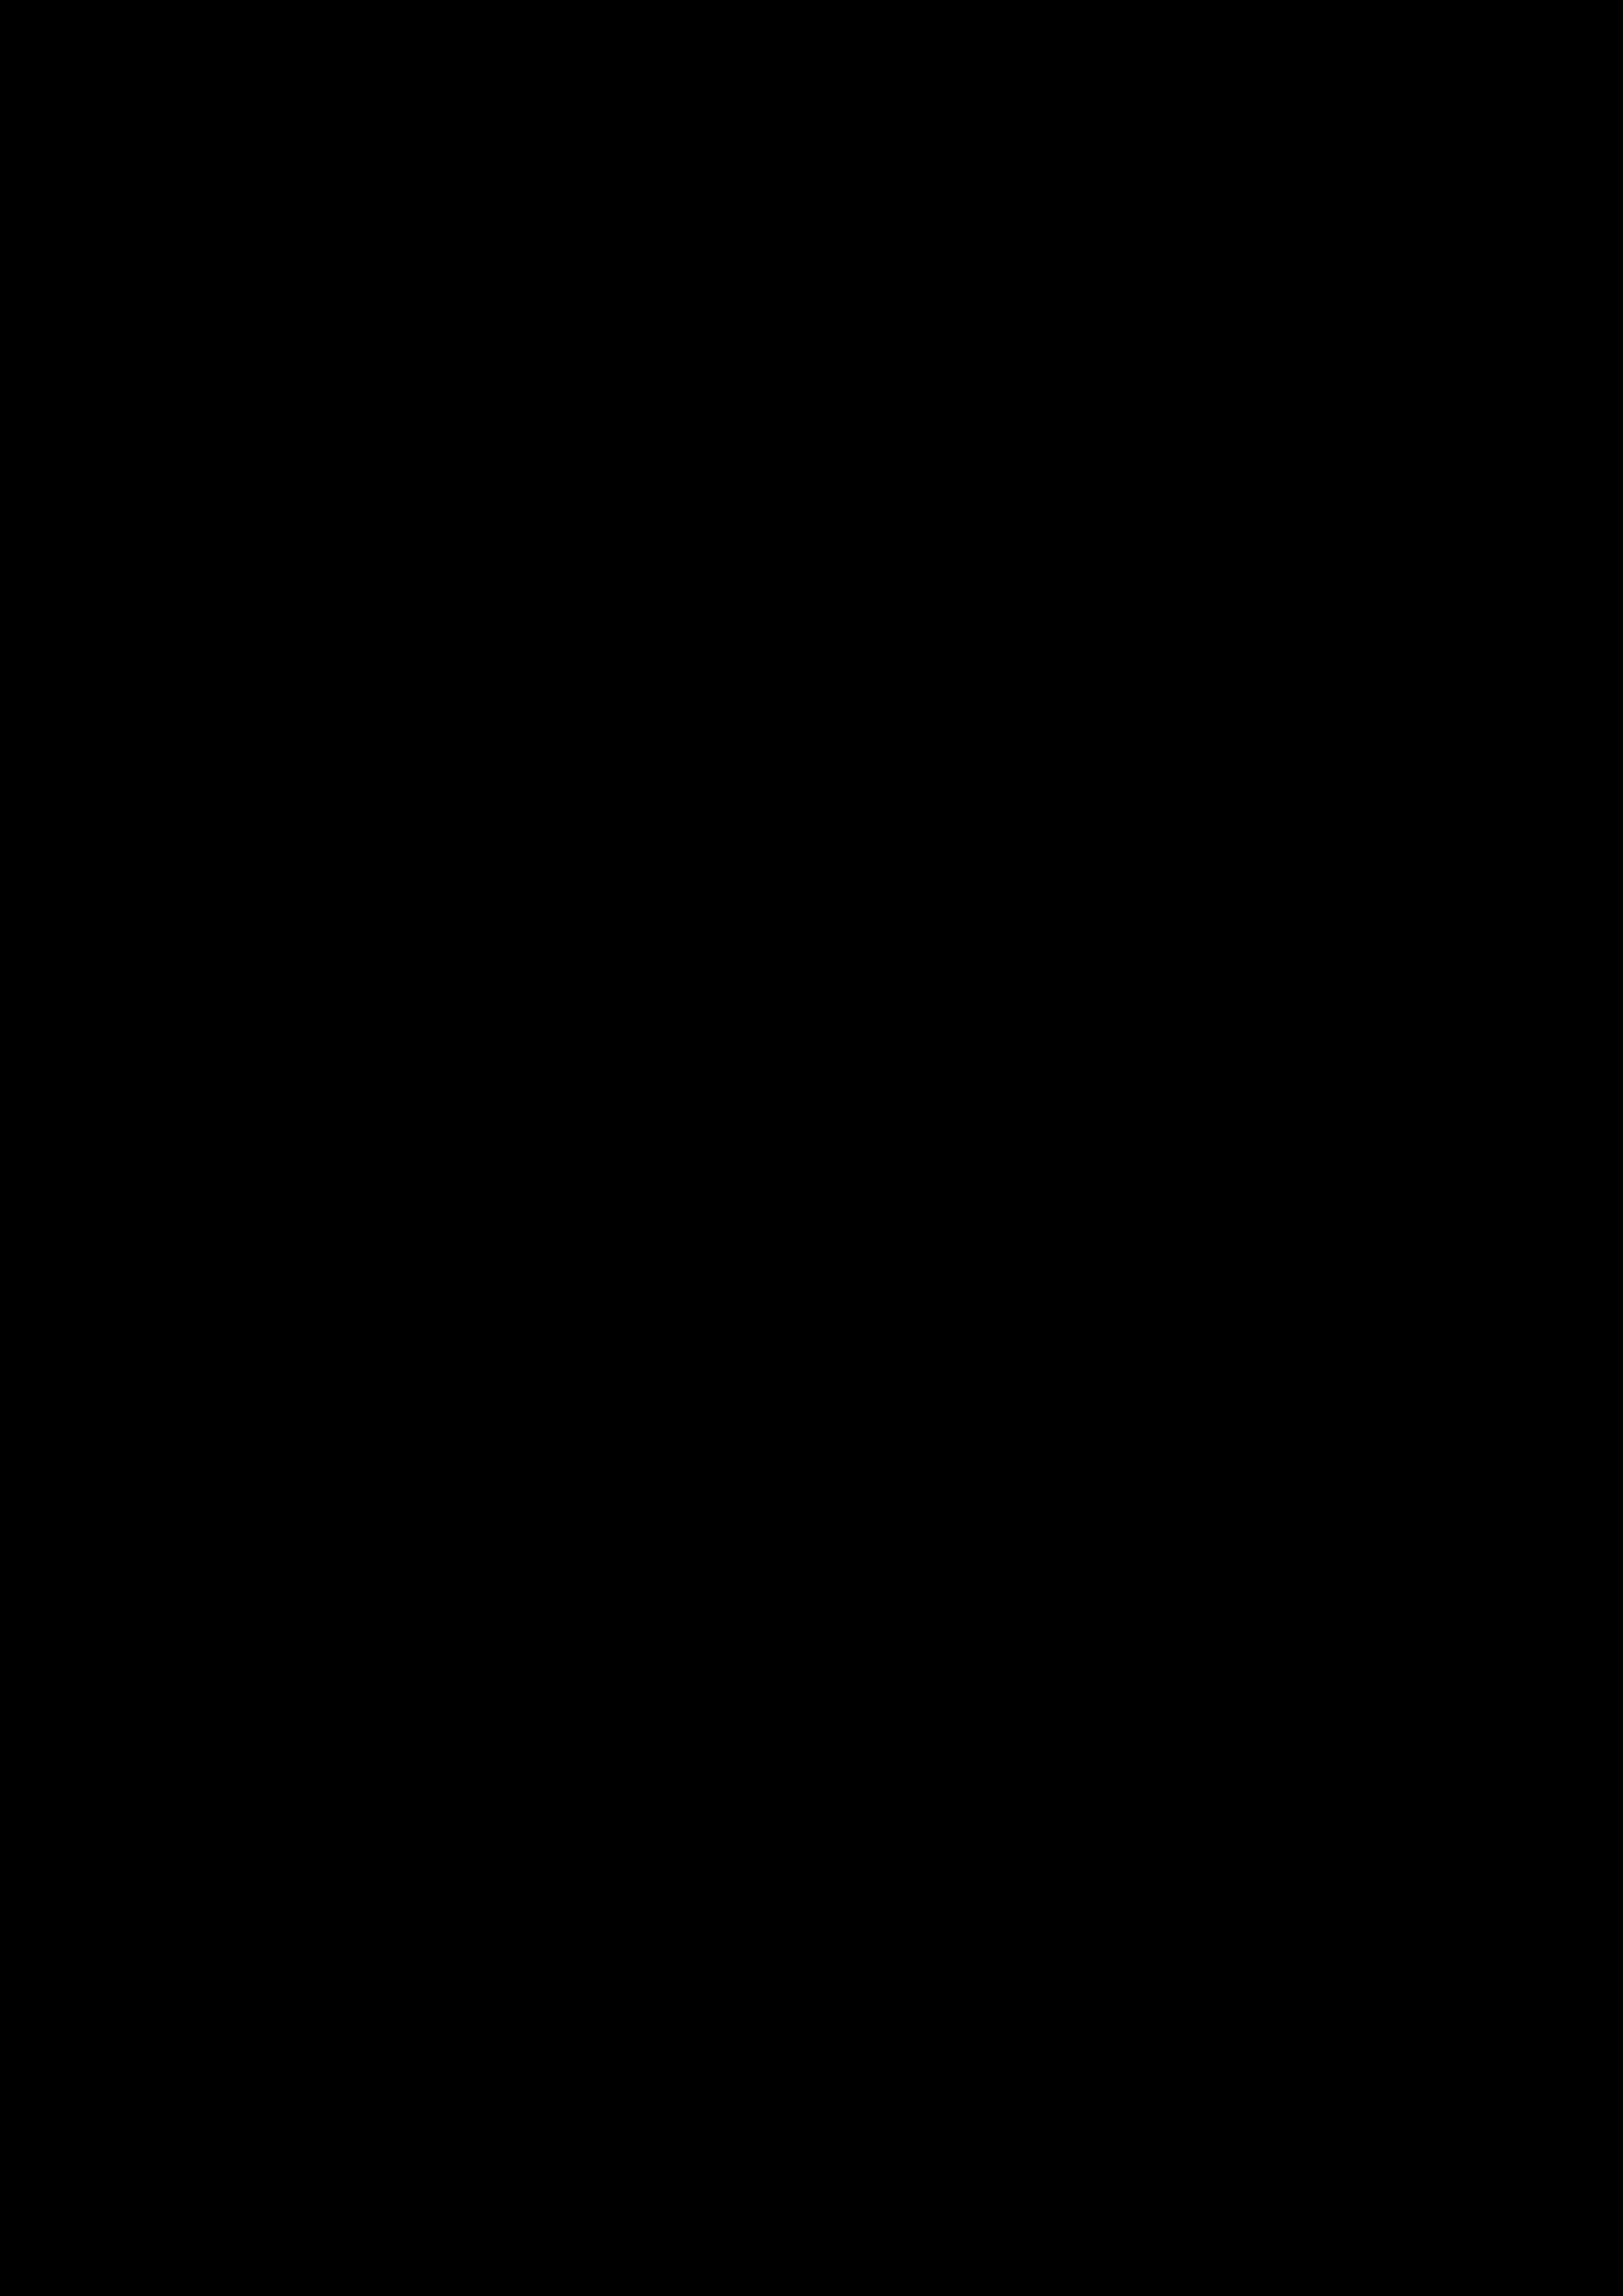 E_Kohler_Op_33_No_2_8-2